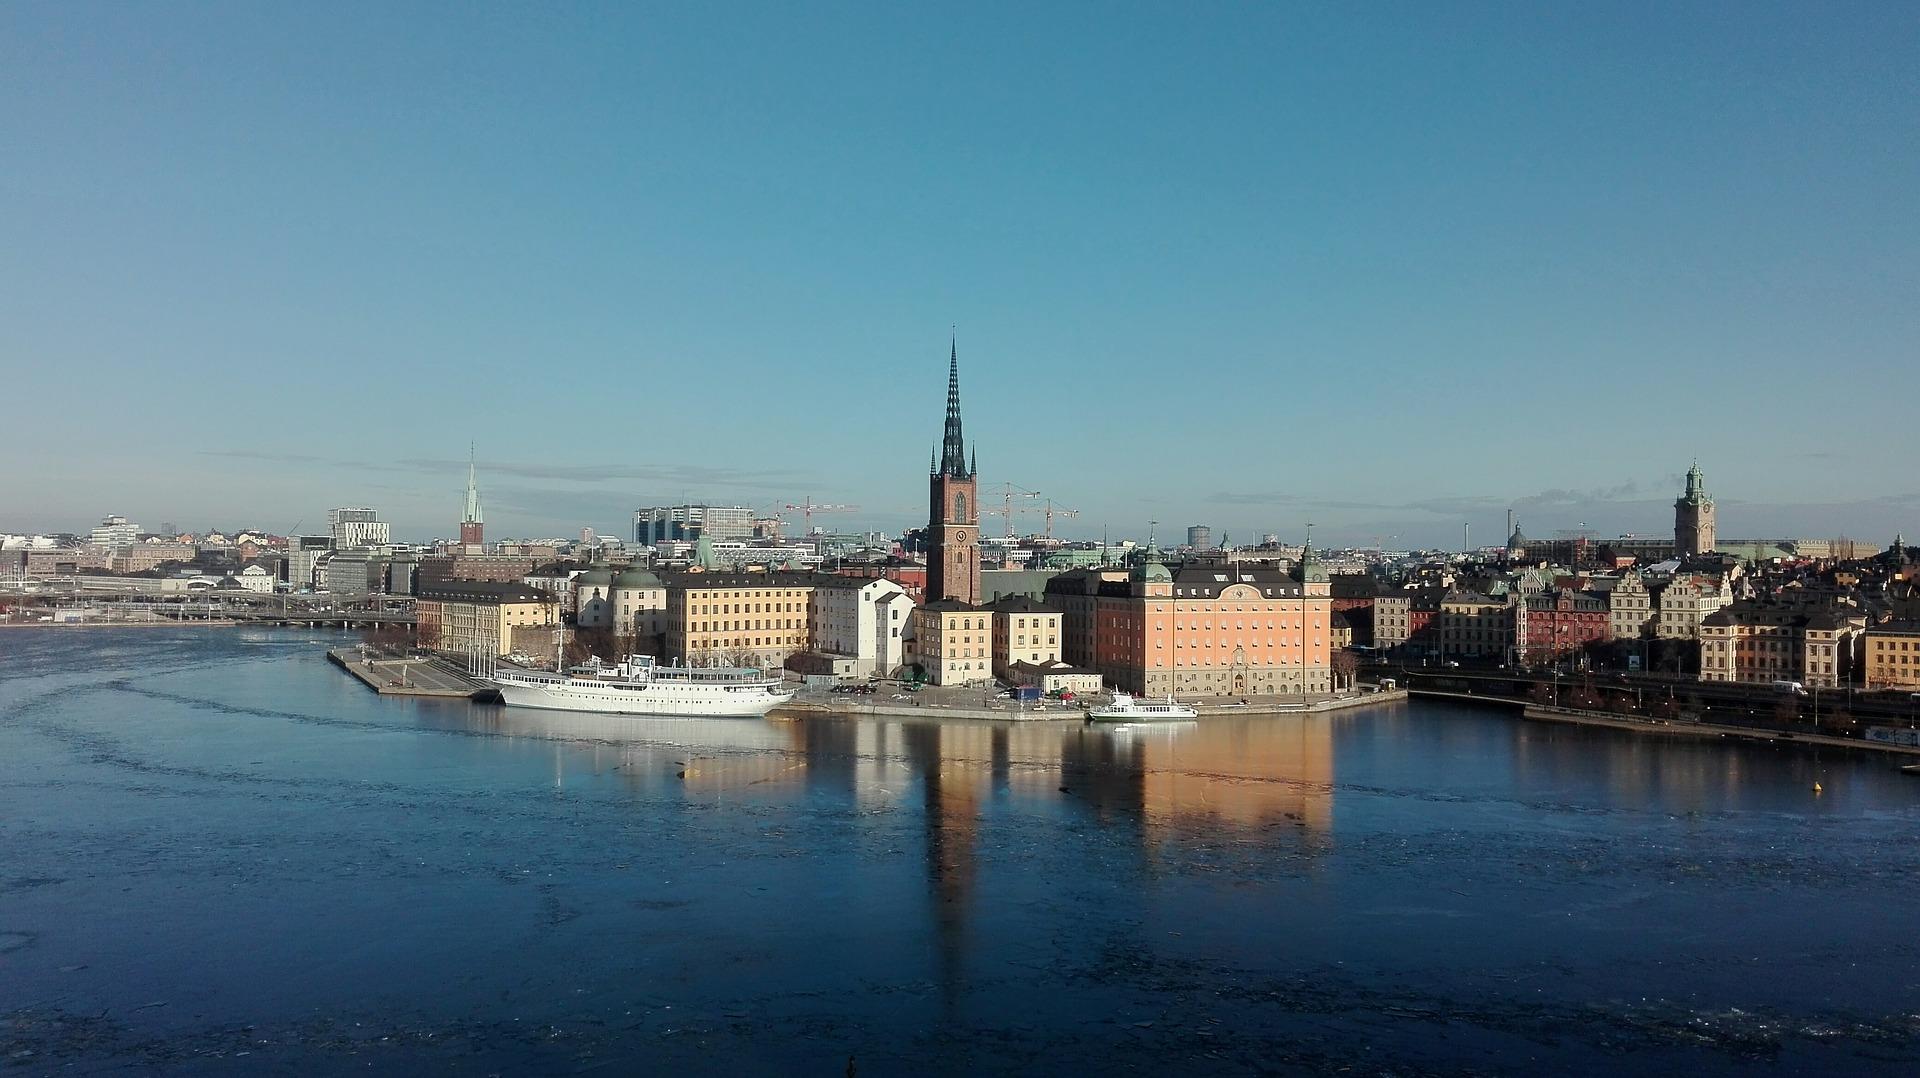 Just nu är vi i: Stockholm, Sverige